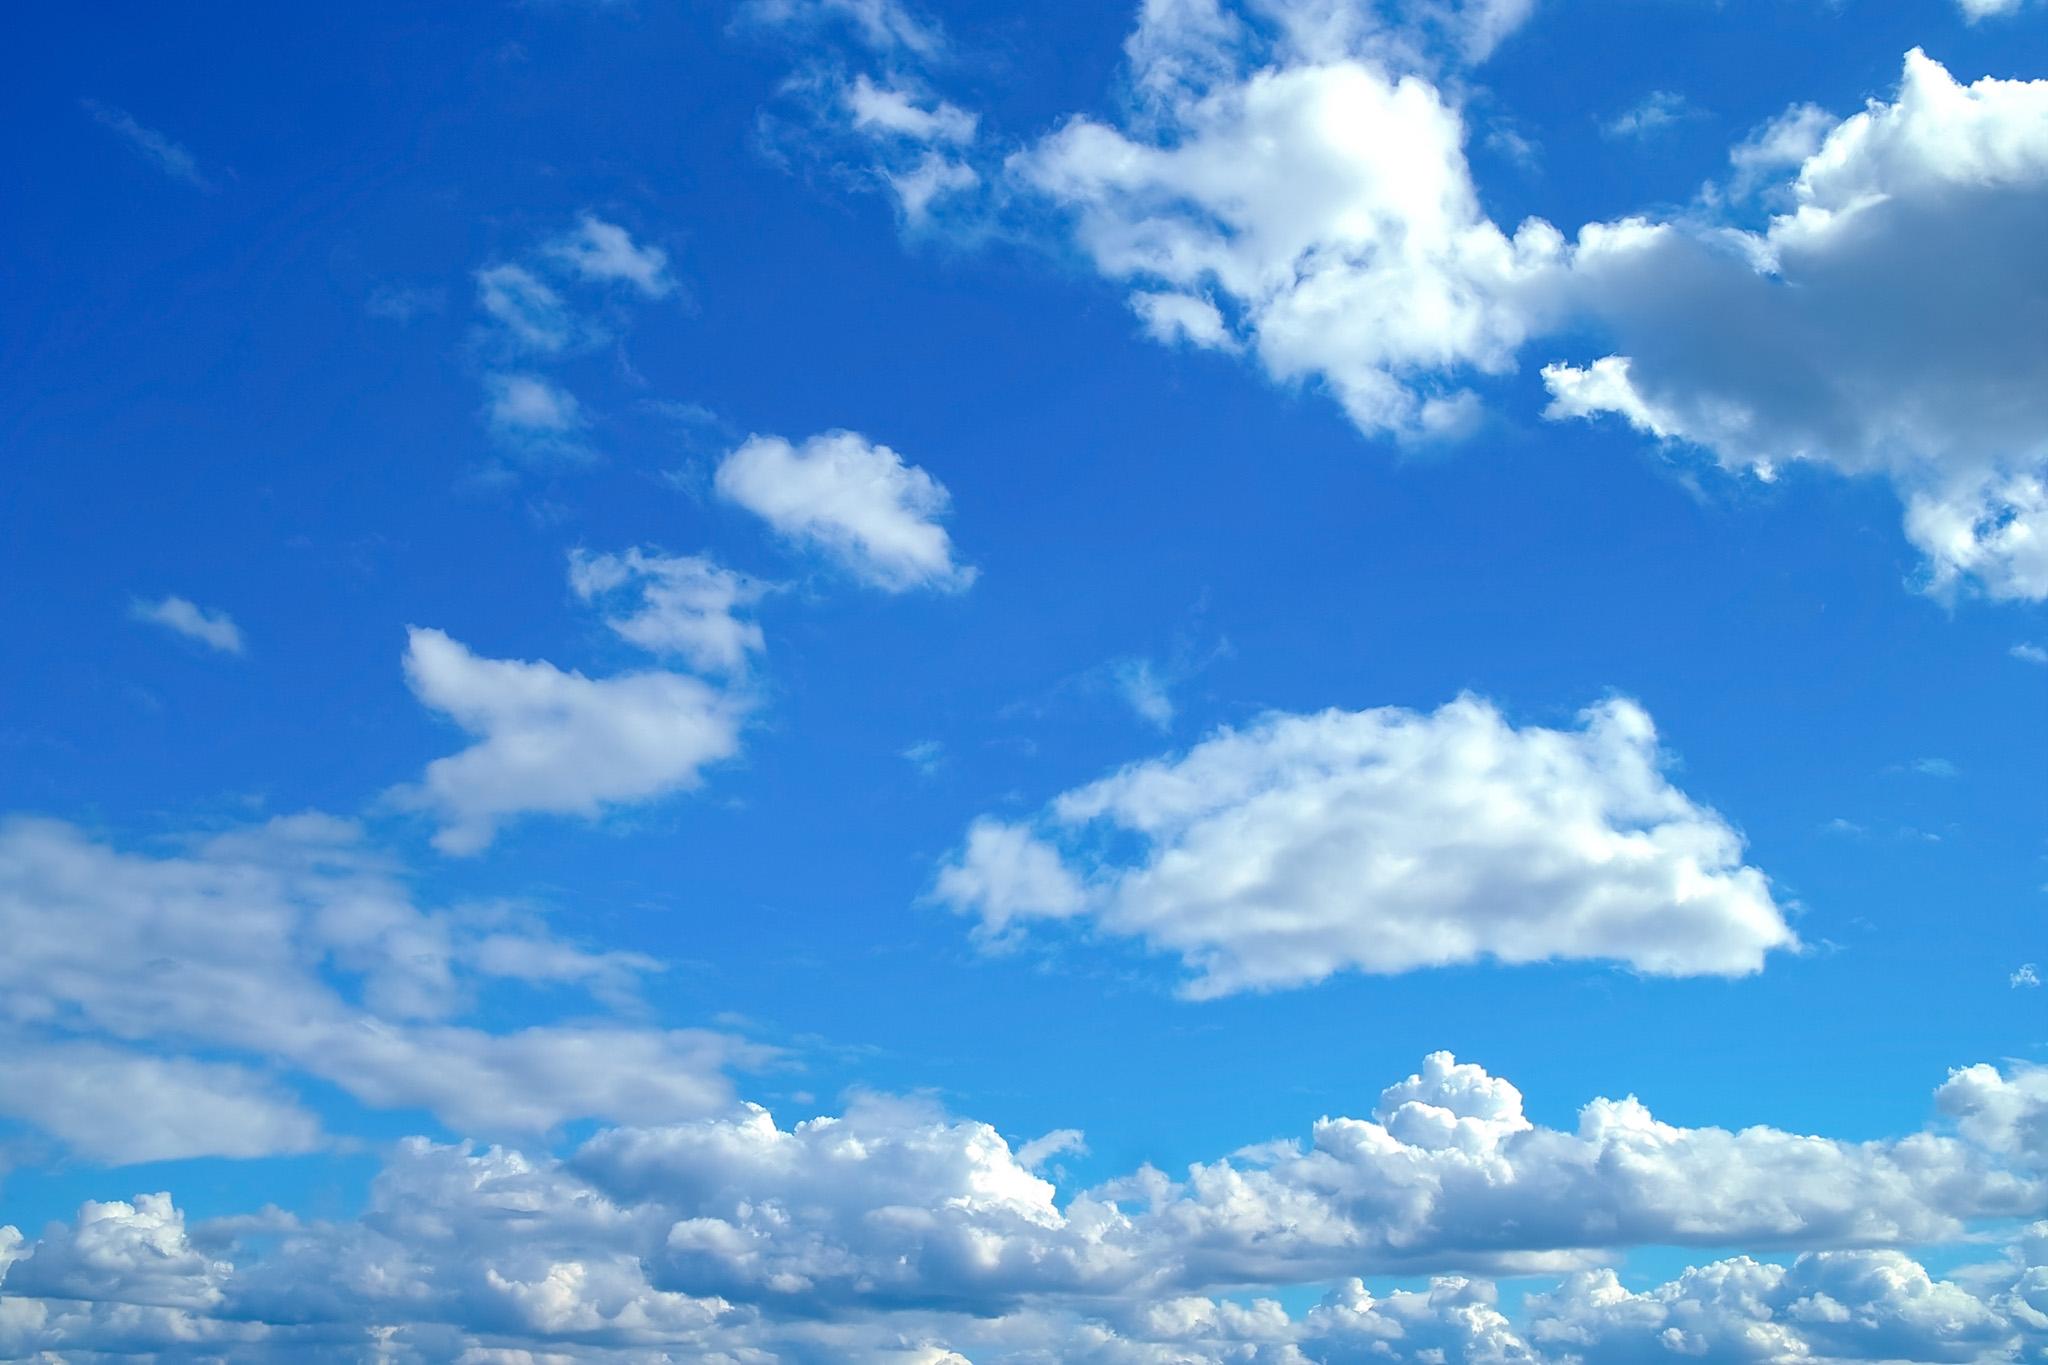 「青空に輝く白い雲」